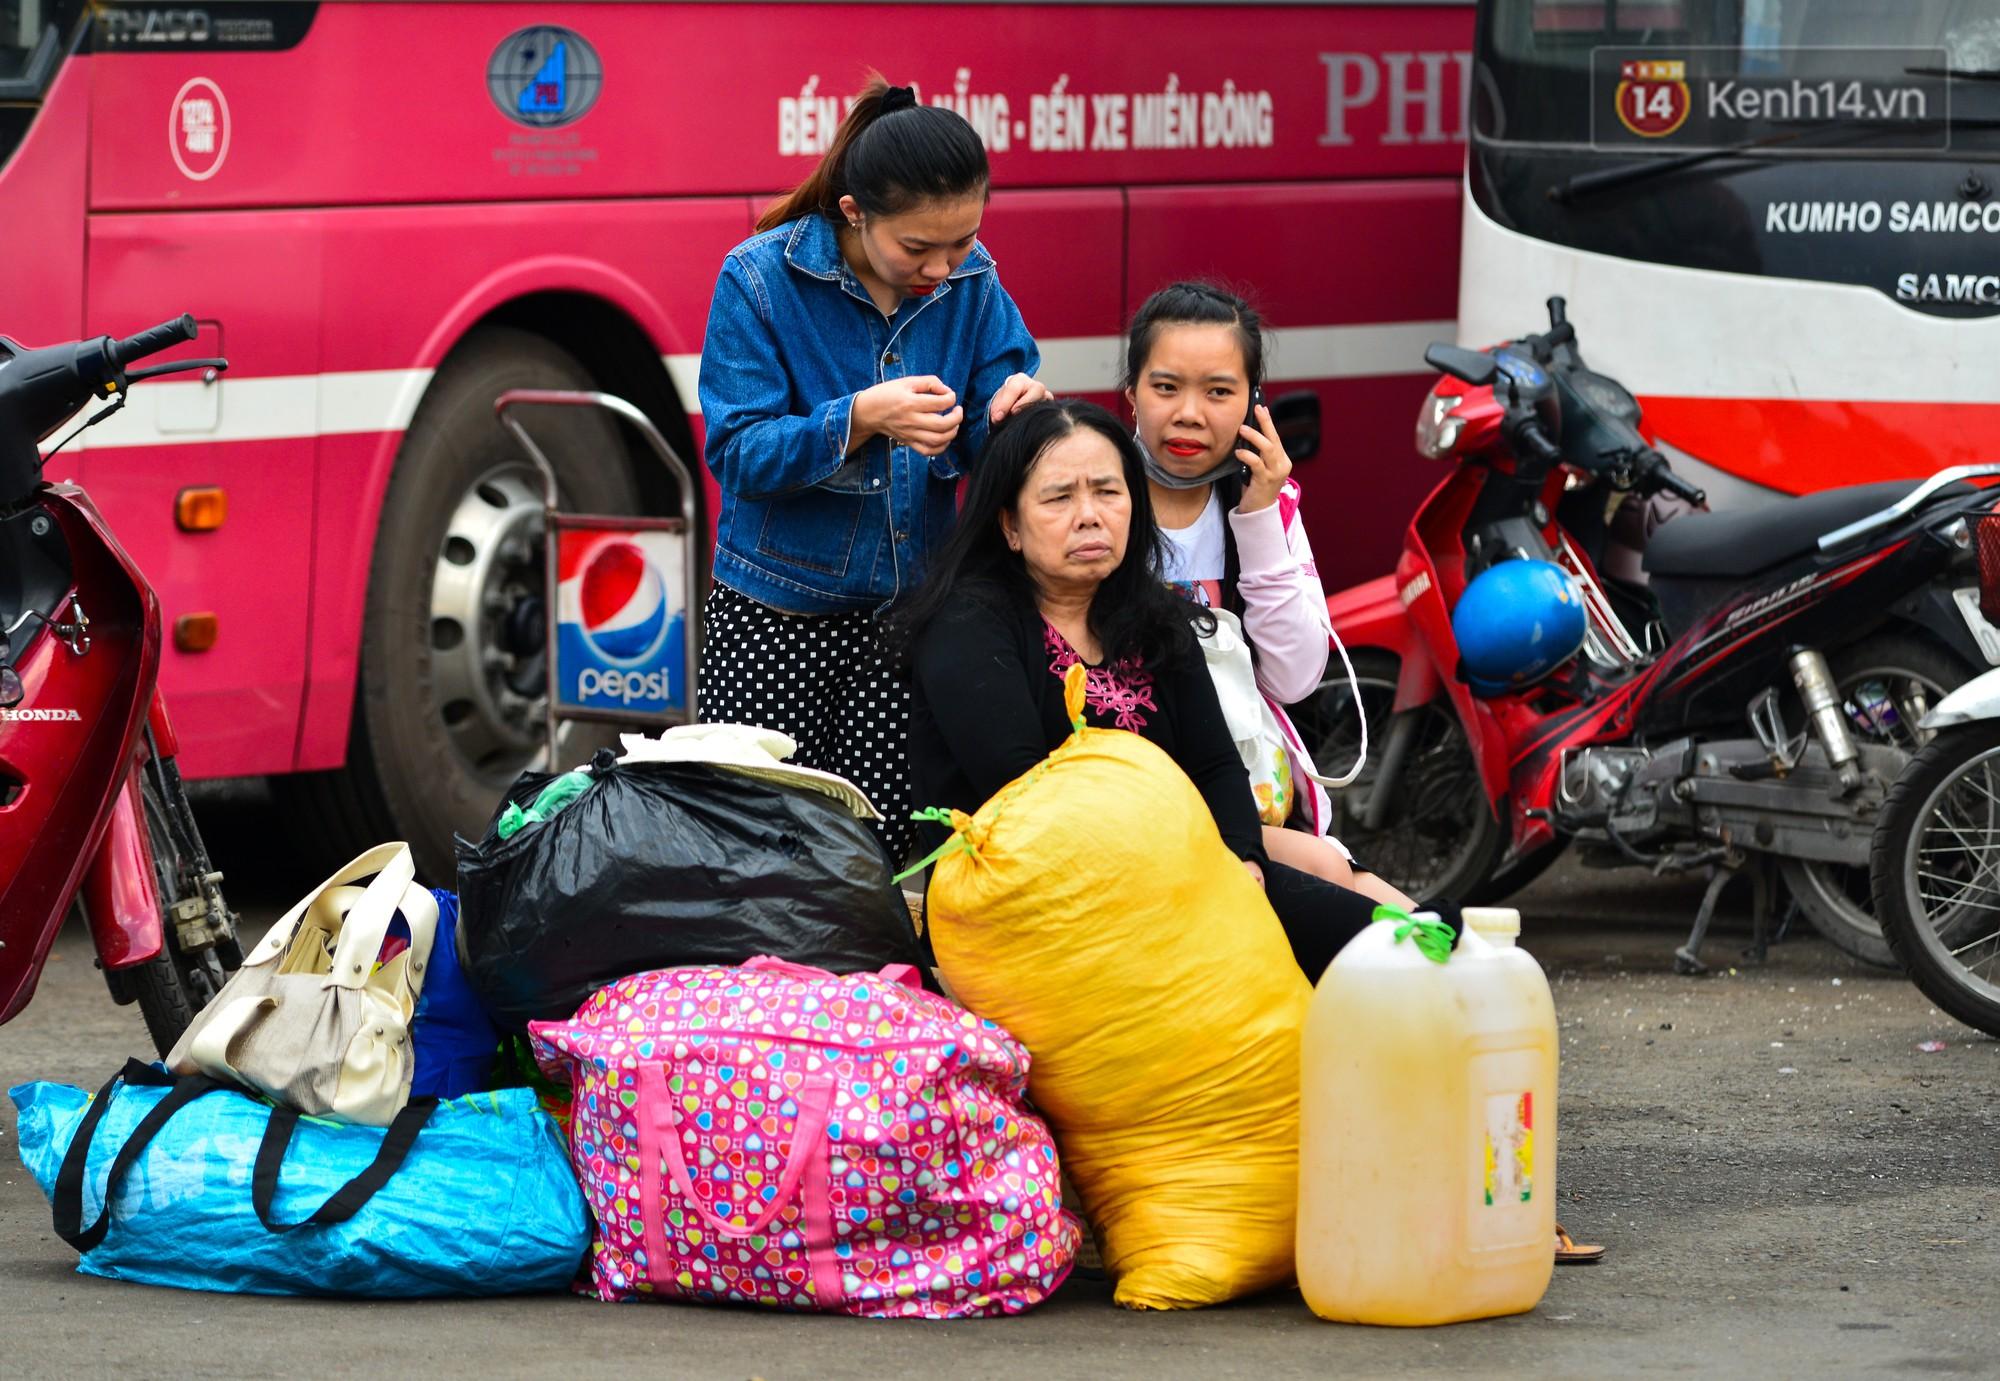 Chùm ảnh: Những giấc ngủ gà gật của người dân chờ xe về quê nghỉ Tết khiến nhiều người nhìn thôi cũng thấy mệt - Ảnh 16.